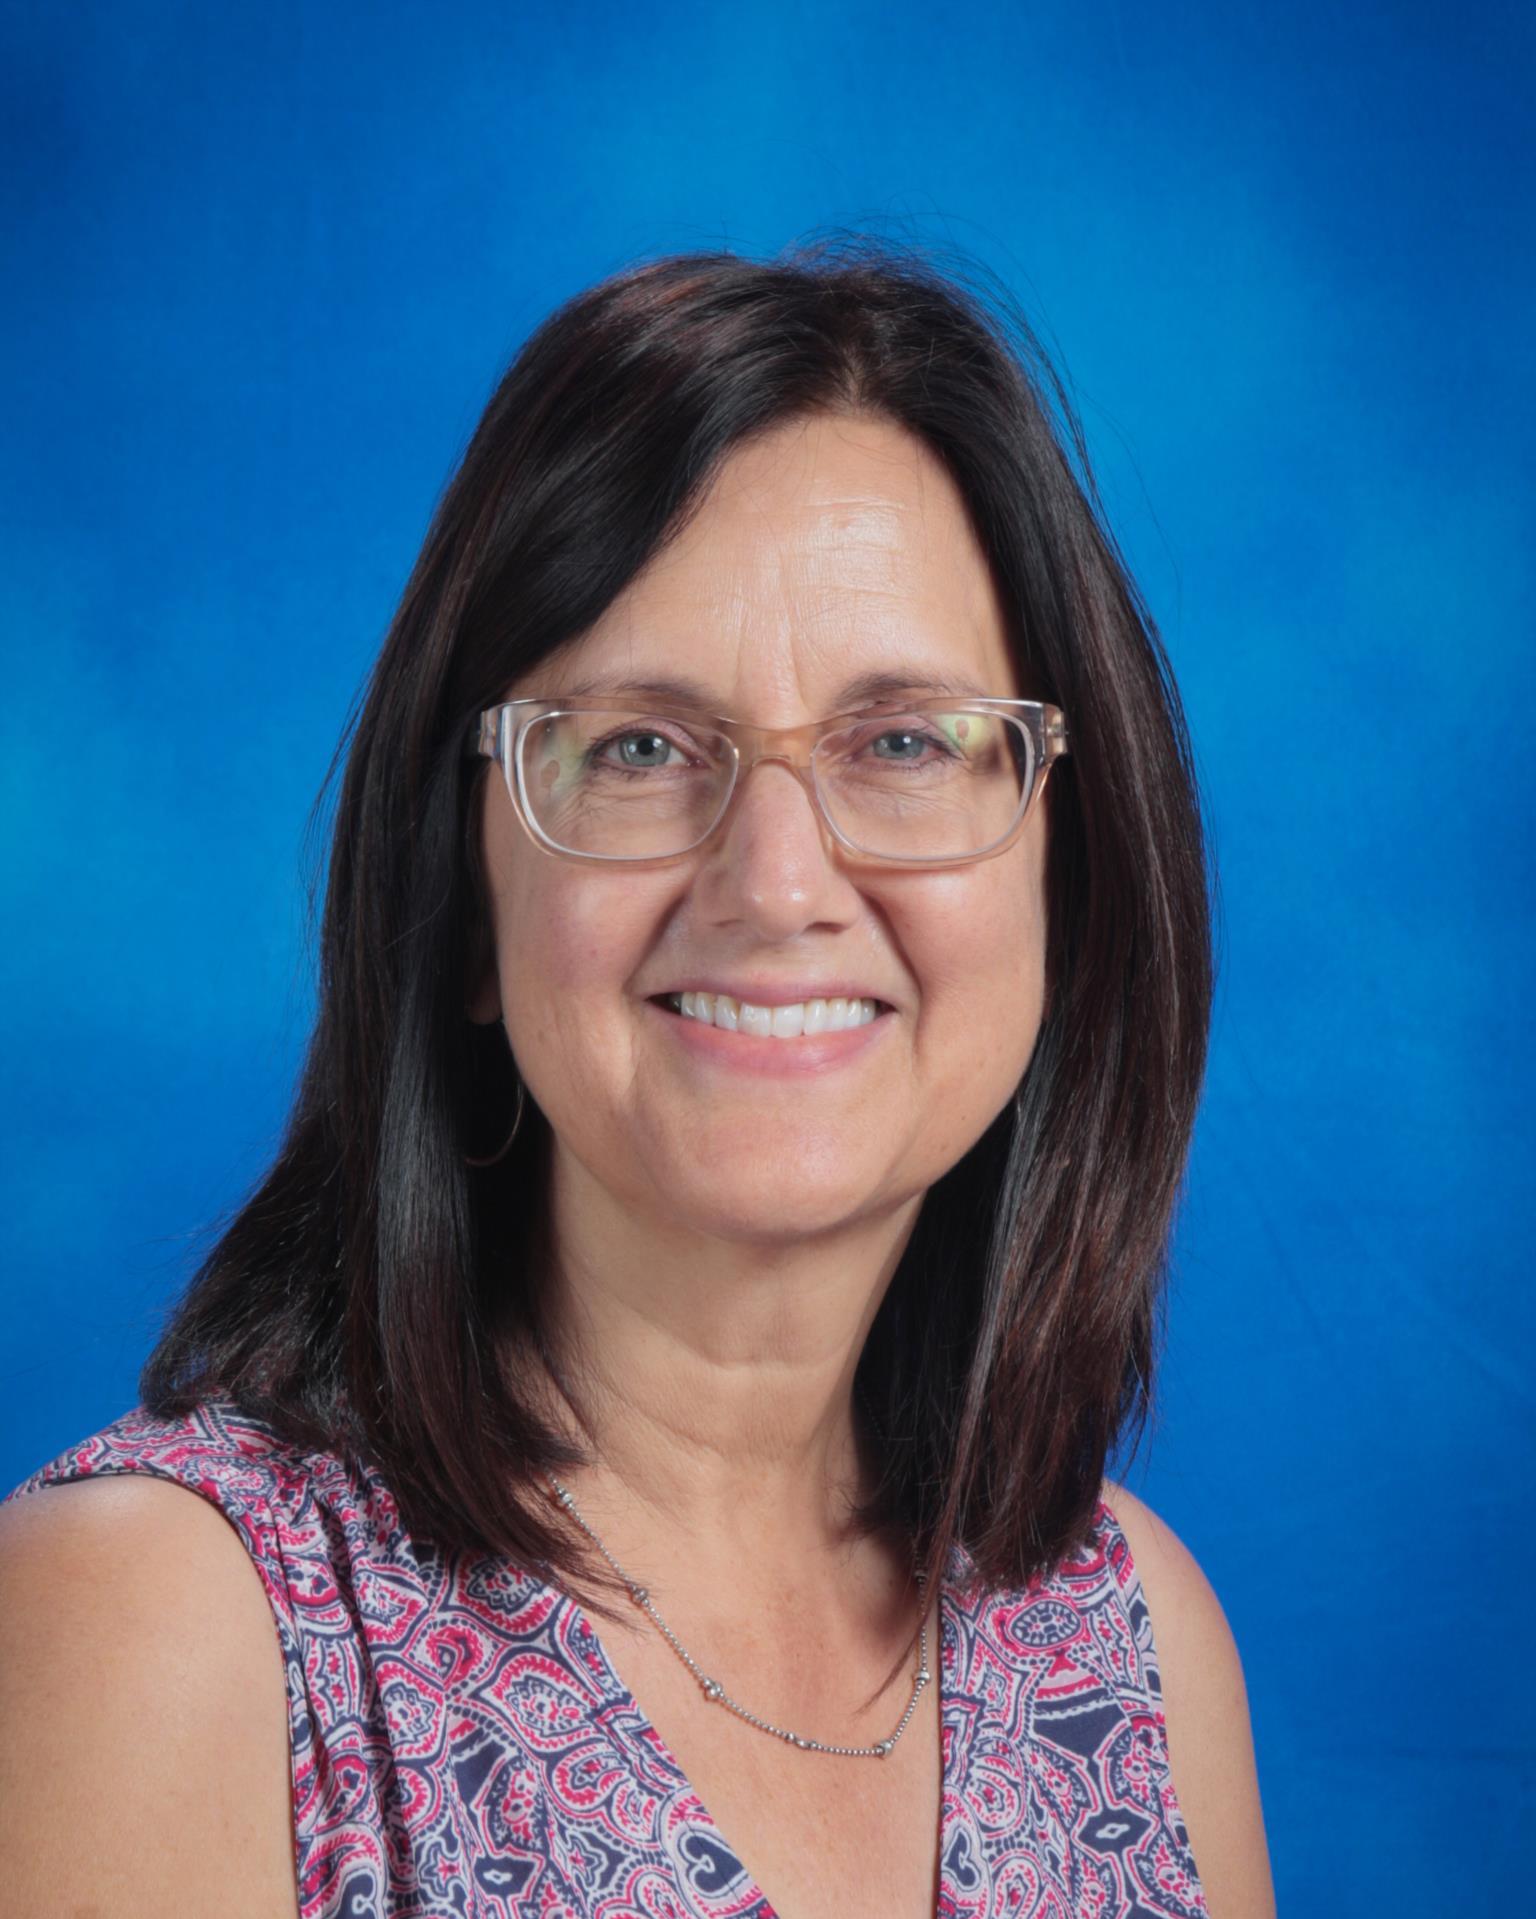 Laura Rosander